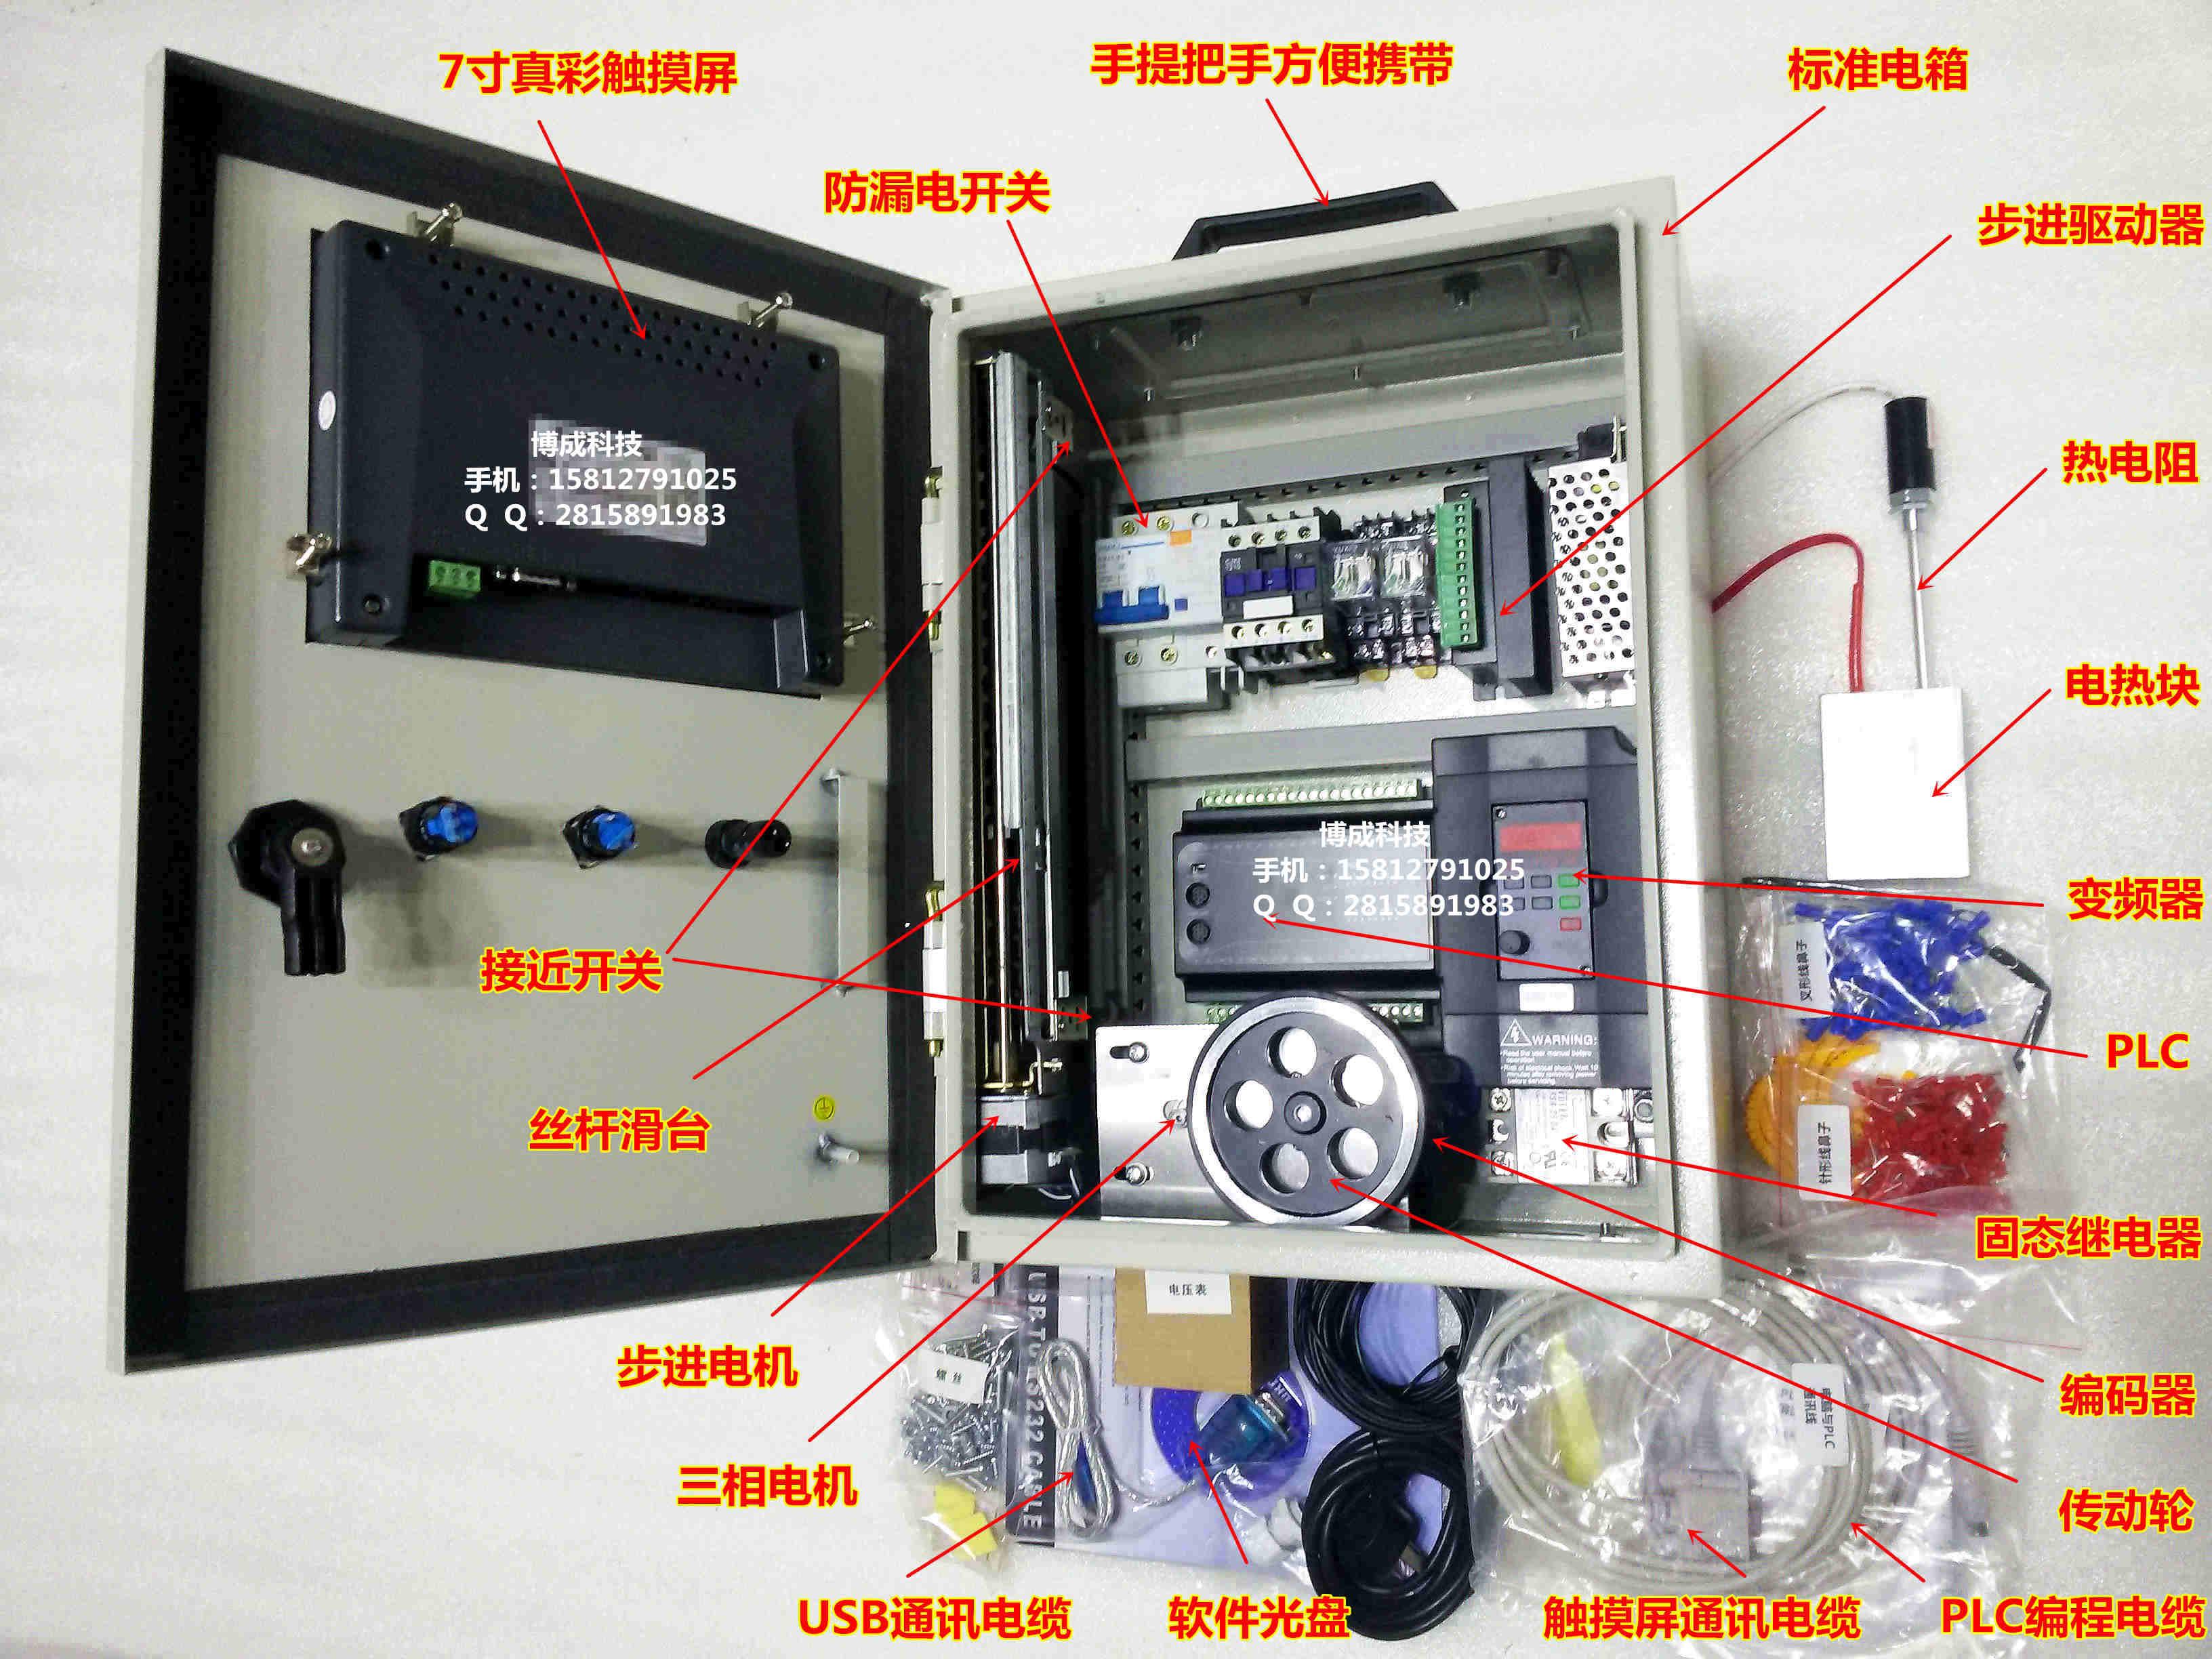 丝杆滑台+光电或接近开关+限位开关+变频器+三相